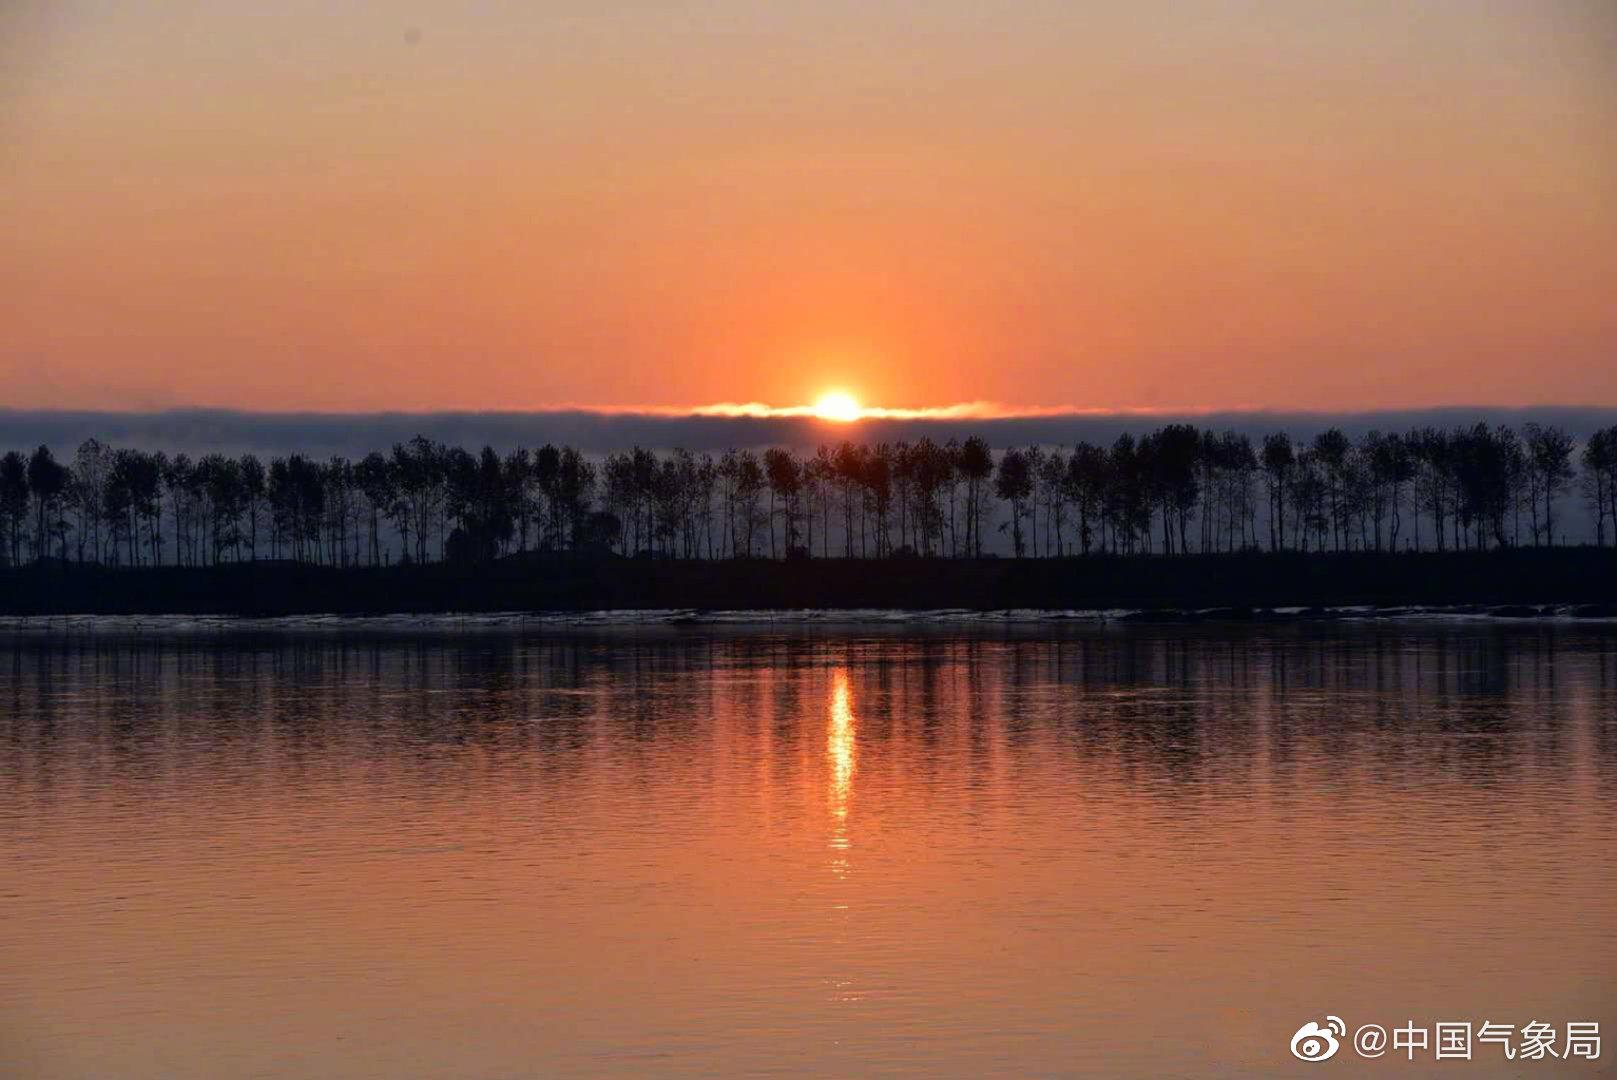 淸晨,辽宁丹东鸭绿江畔,远处云雾翻涌流动